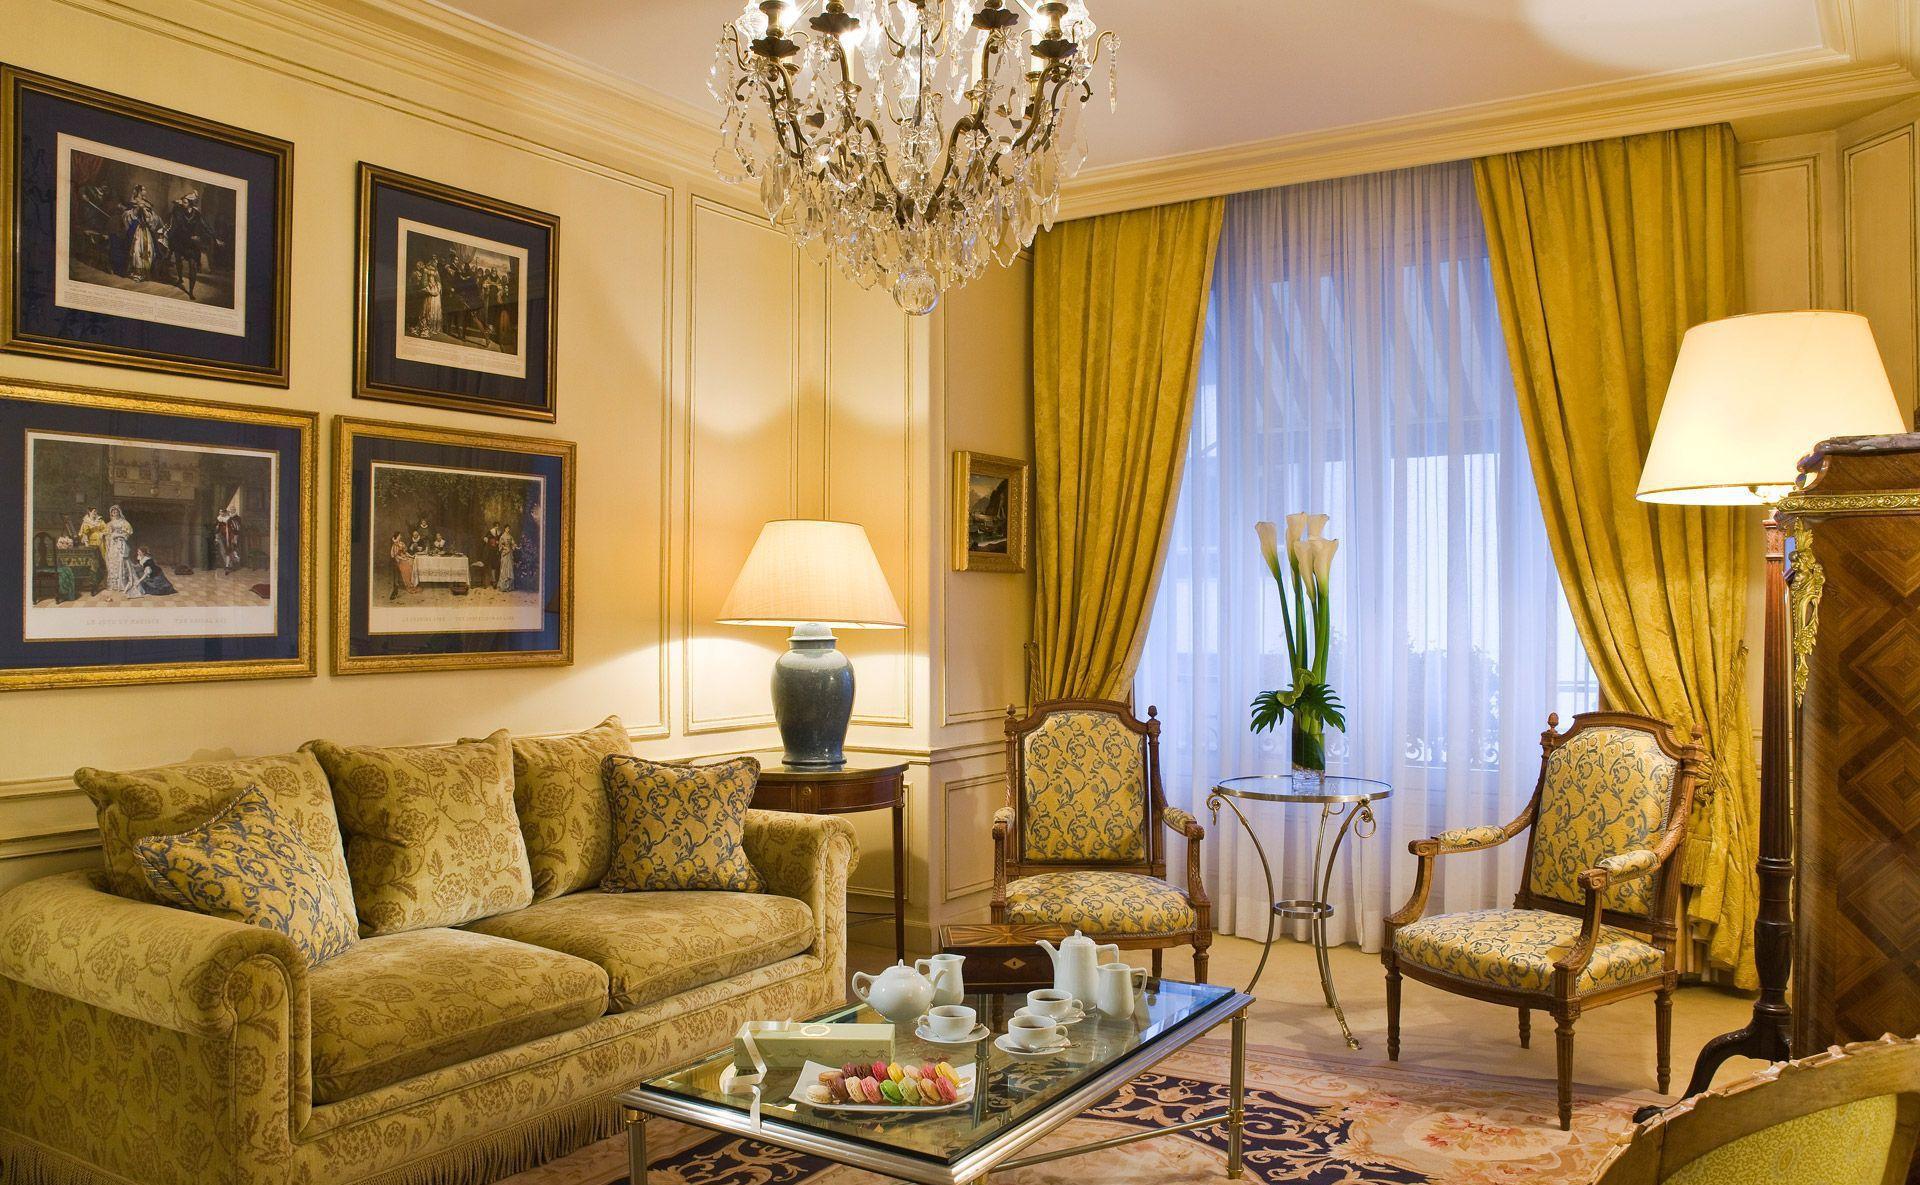 Желто-зеленая мебель и шторы в классической гостиной